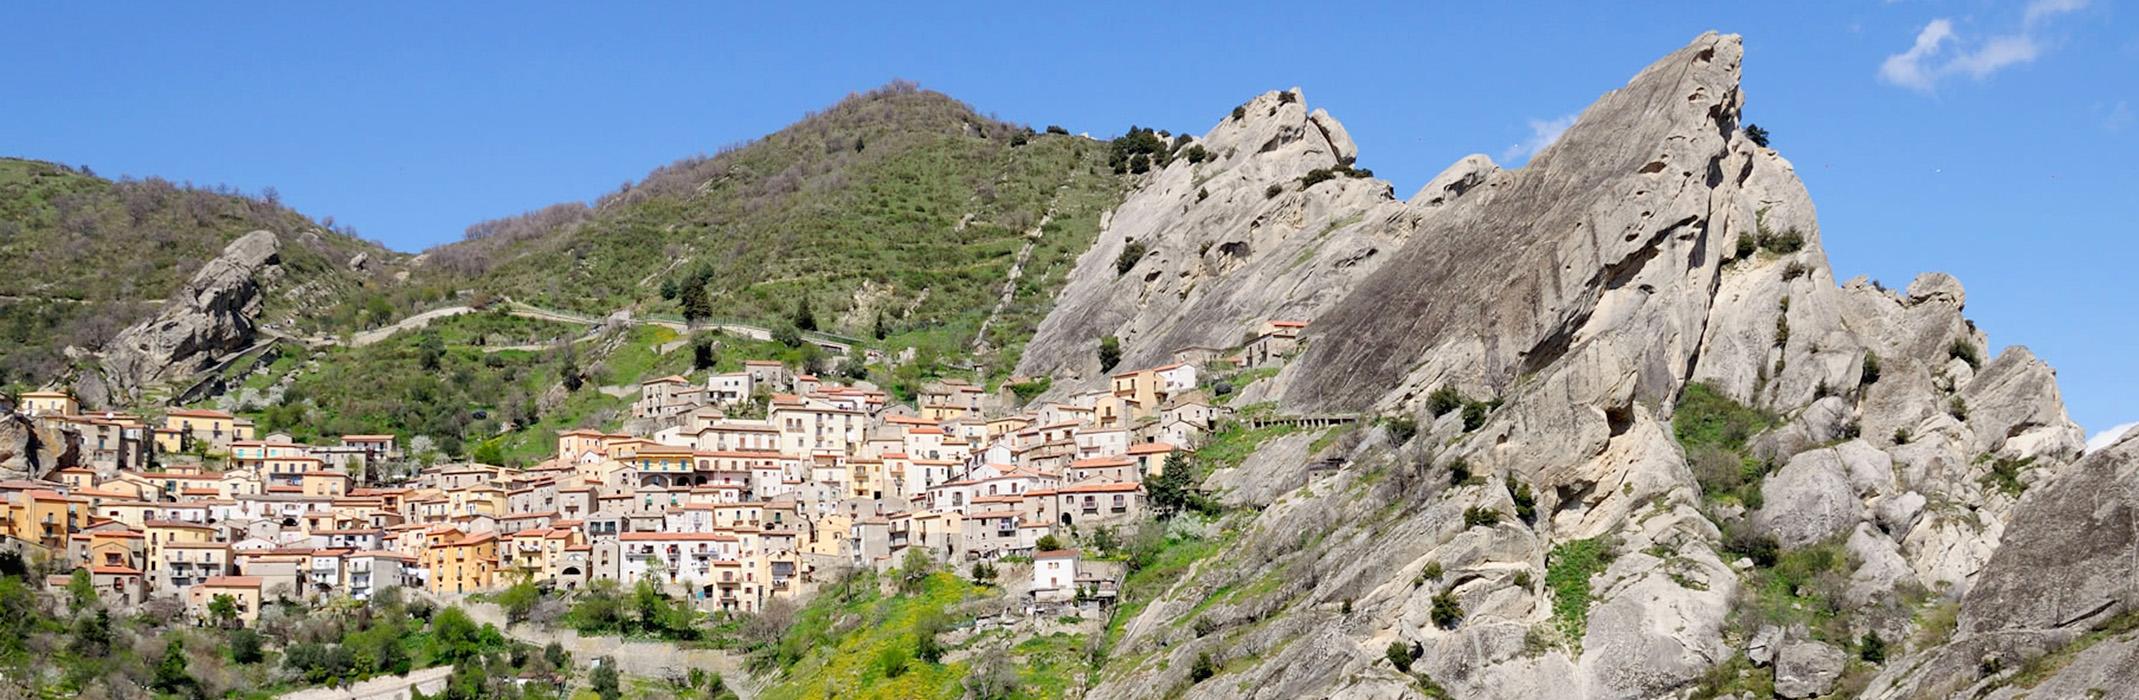 Castelmezzano-Bailicata-AnticoPastificioSarubbi-Hotel-Stigliano